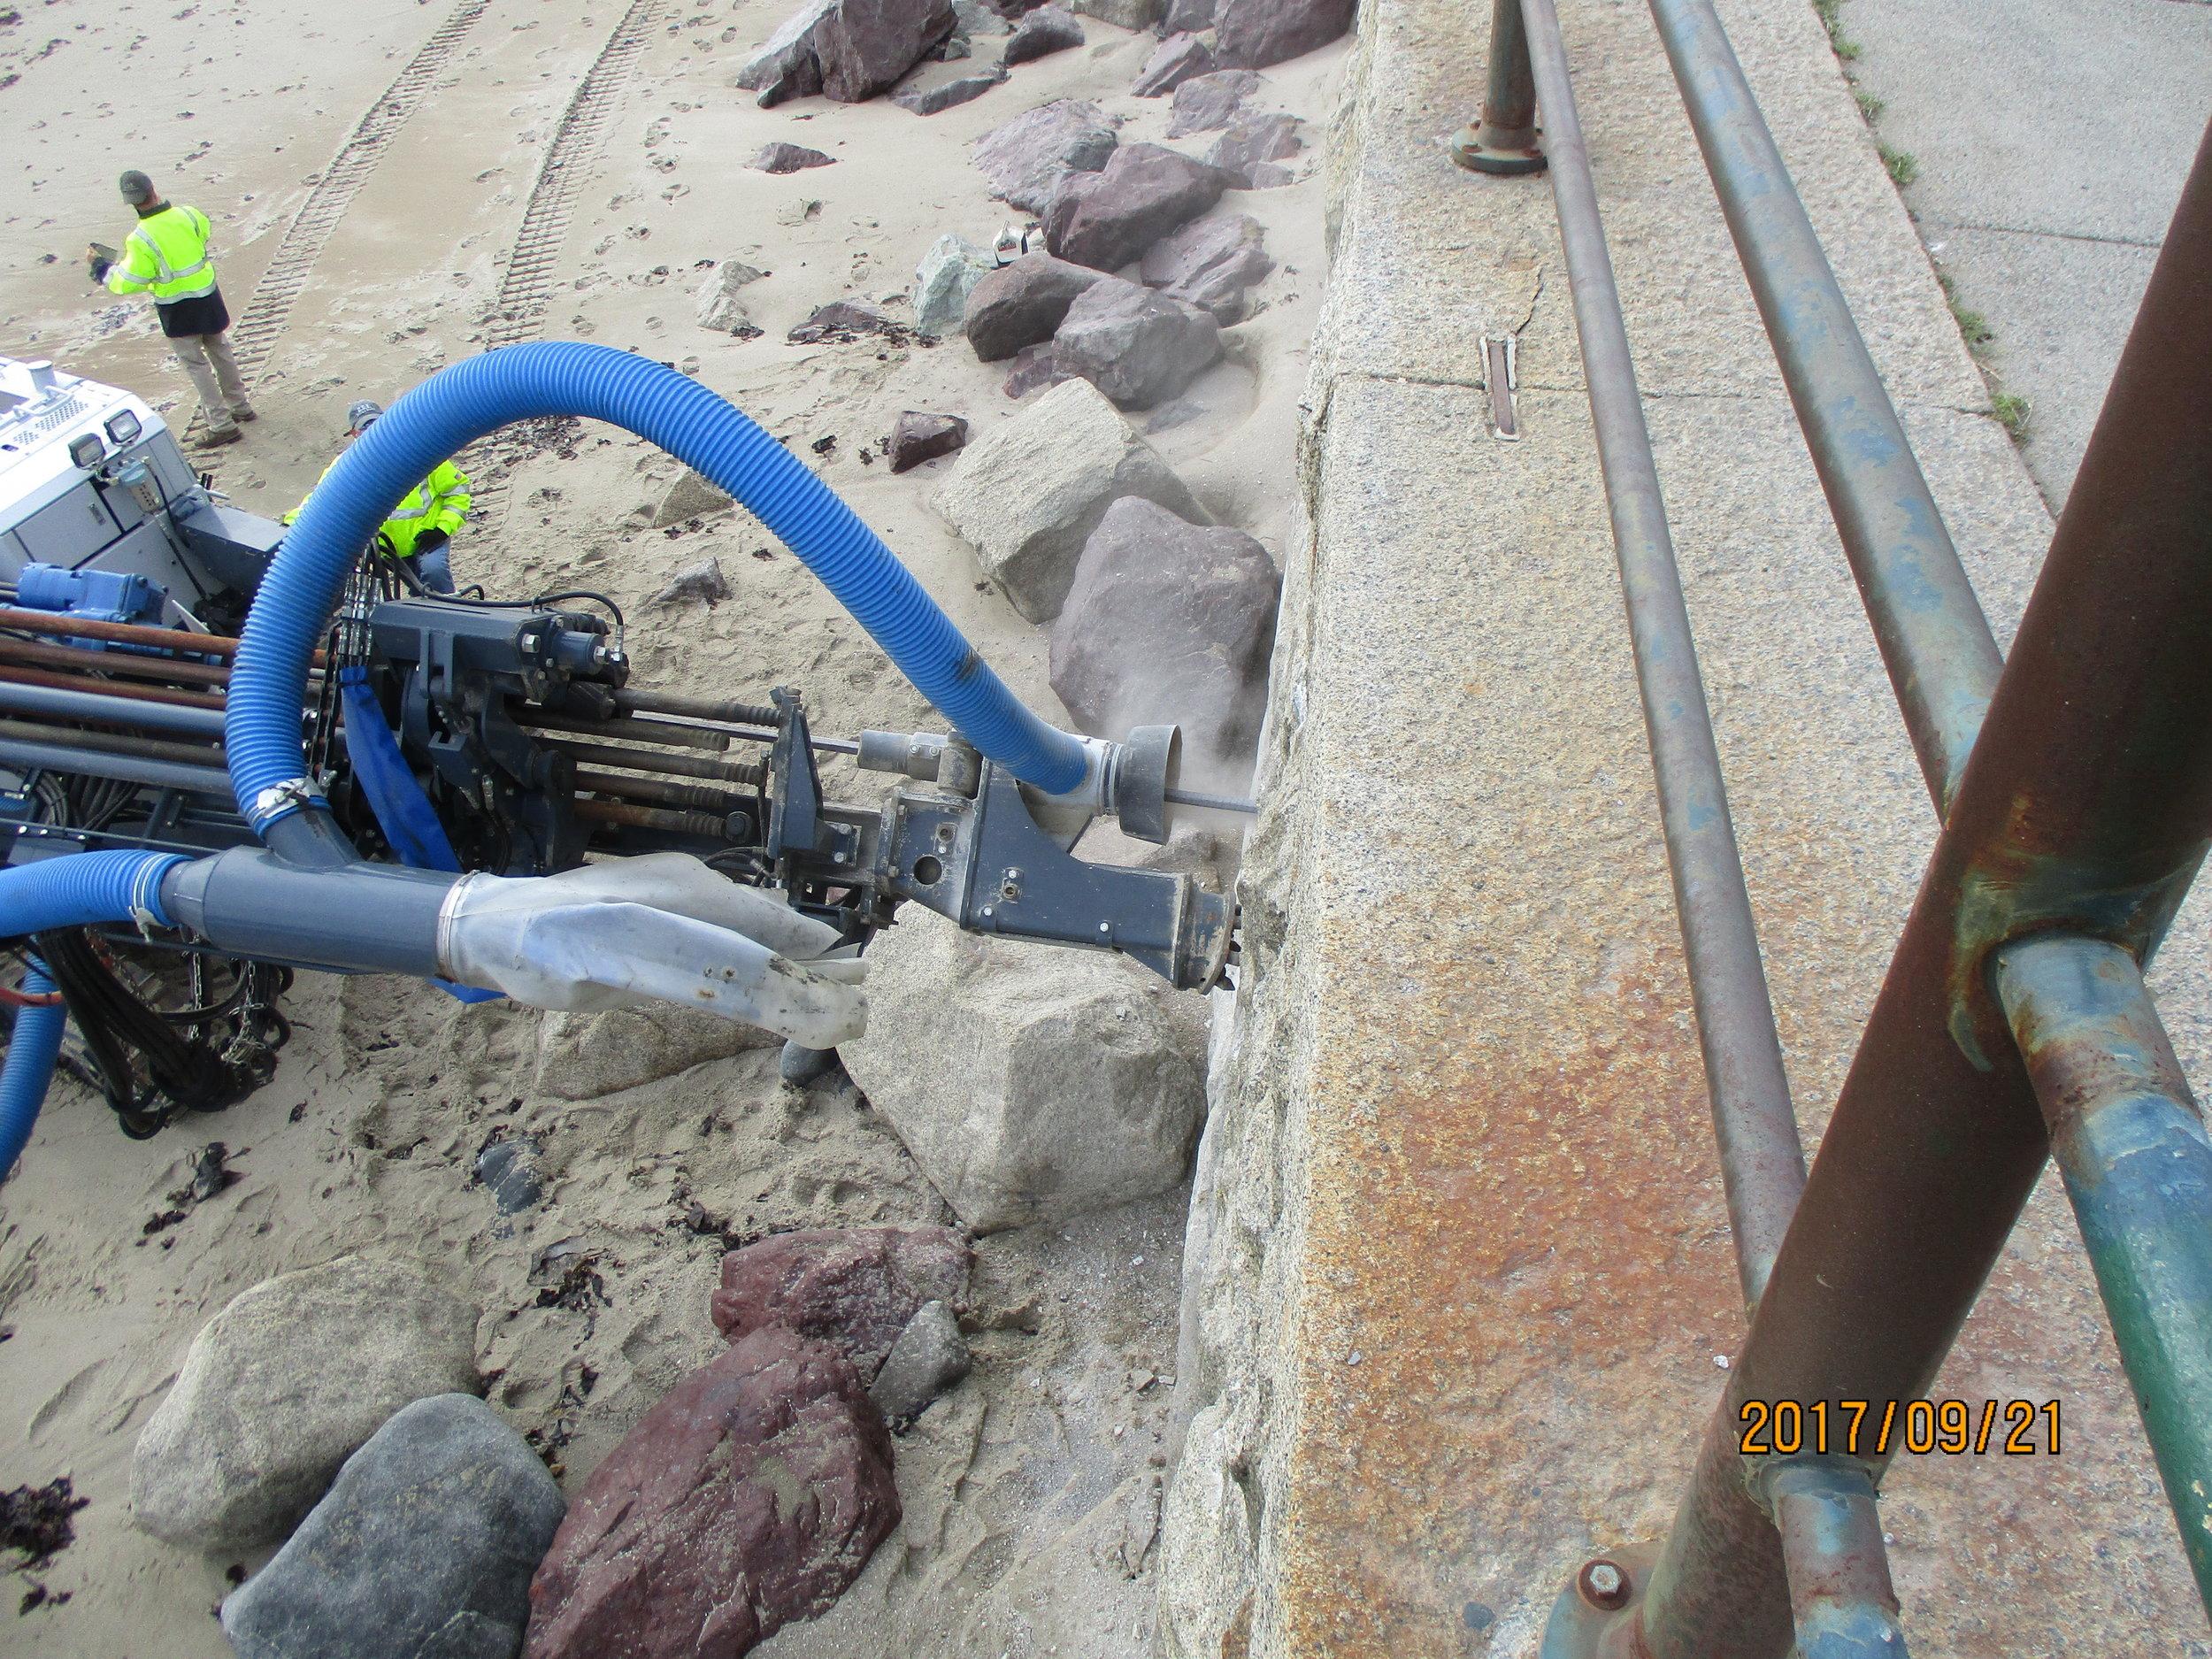 Drilling of granite wall